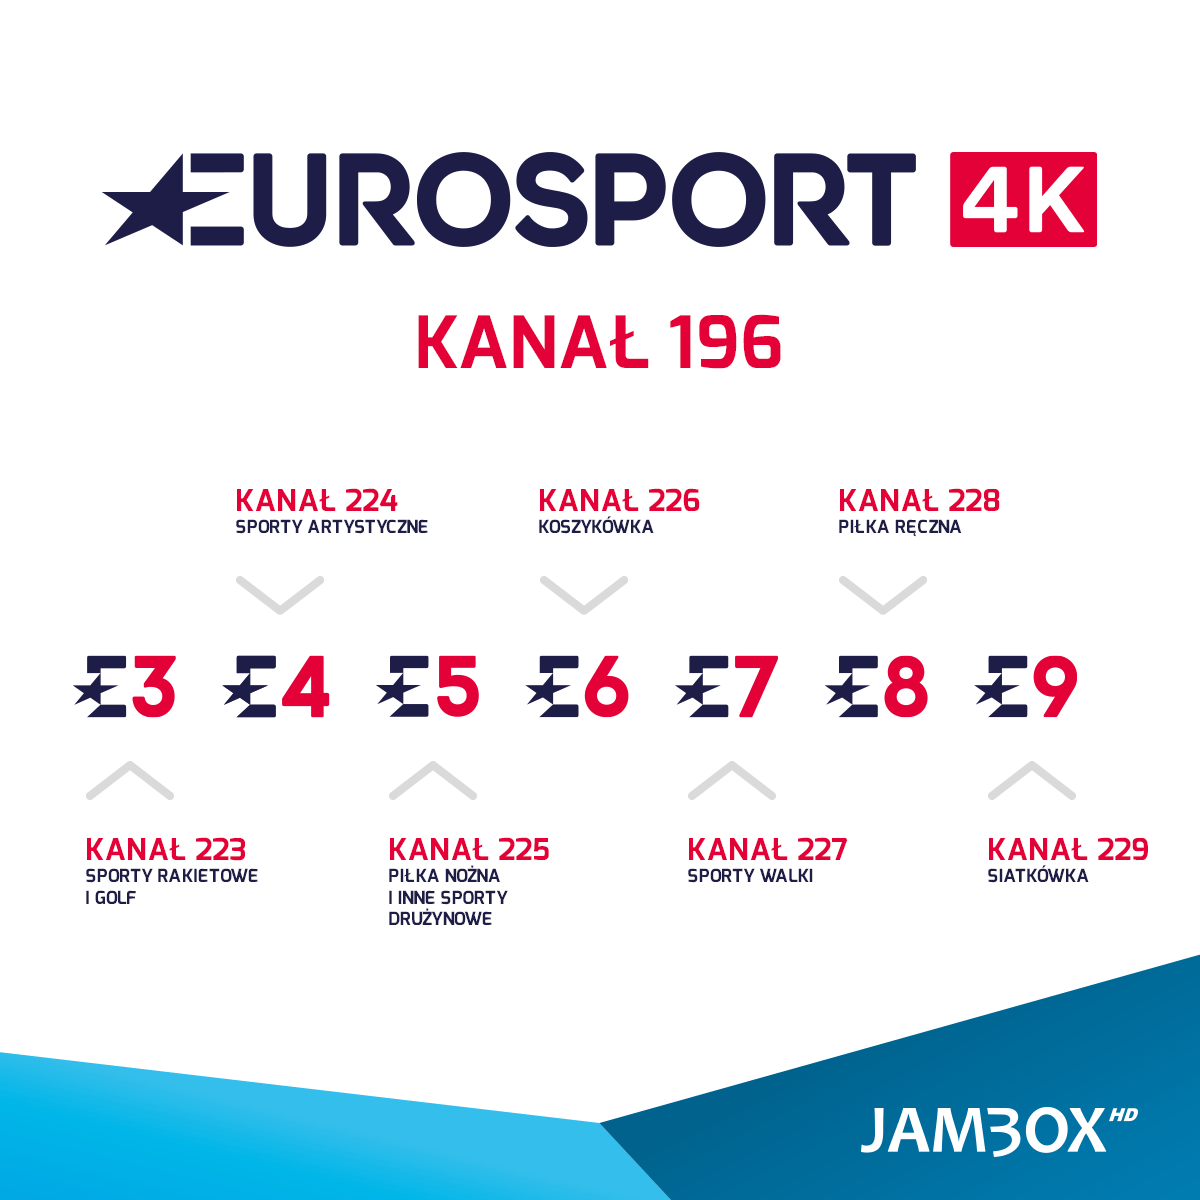 Kanały Eurosport w JAMBOX!